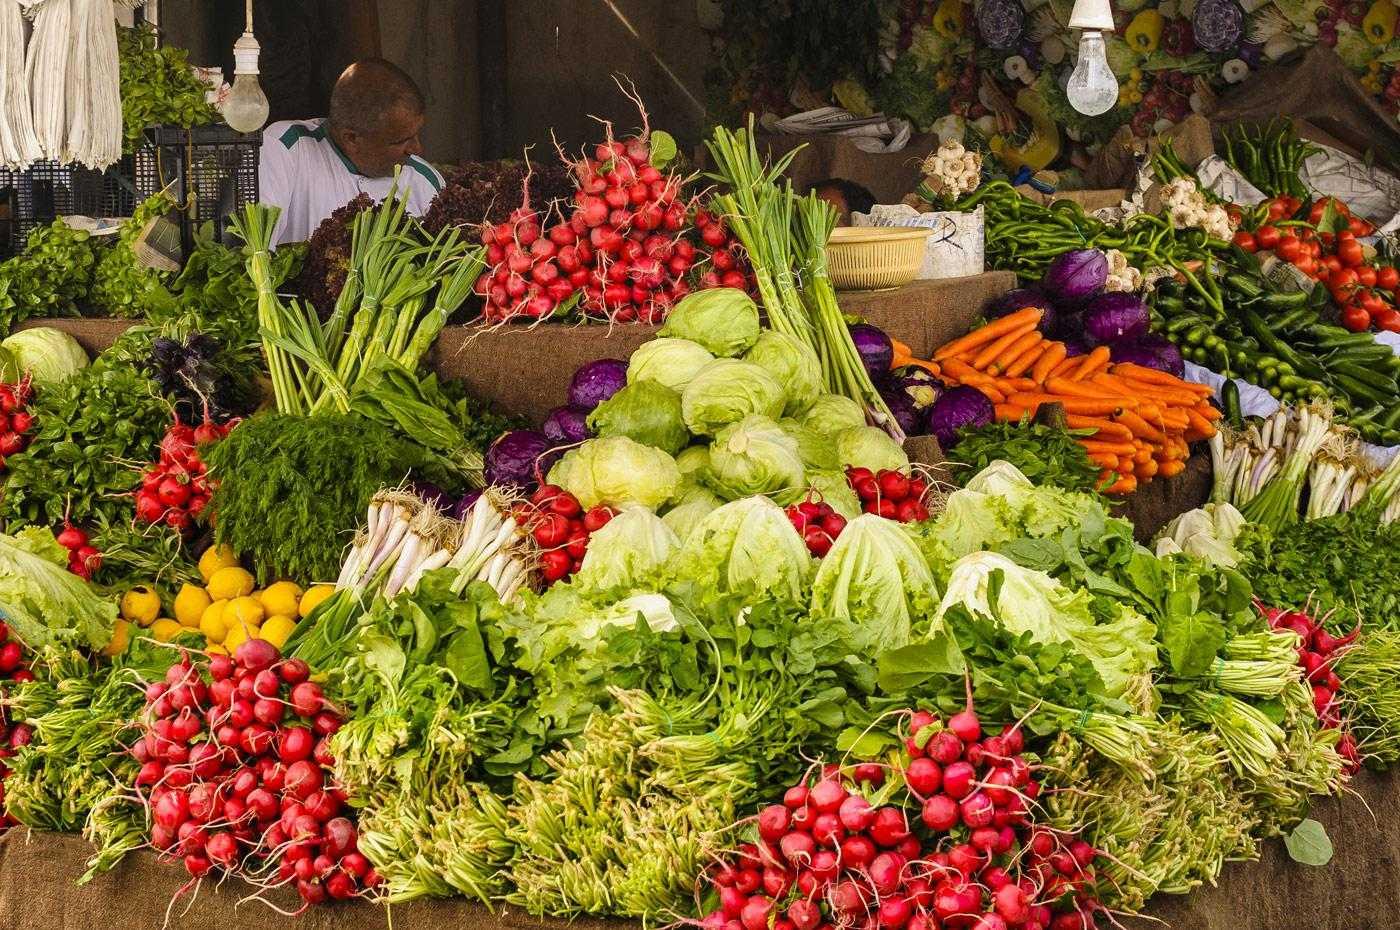 Магазин фермерских продуктов: модно, востребовано и перспективно